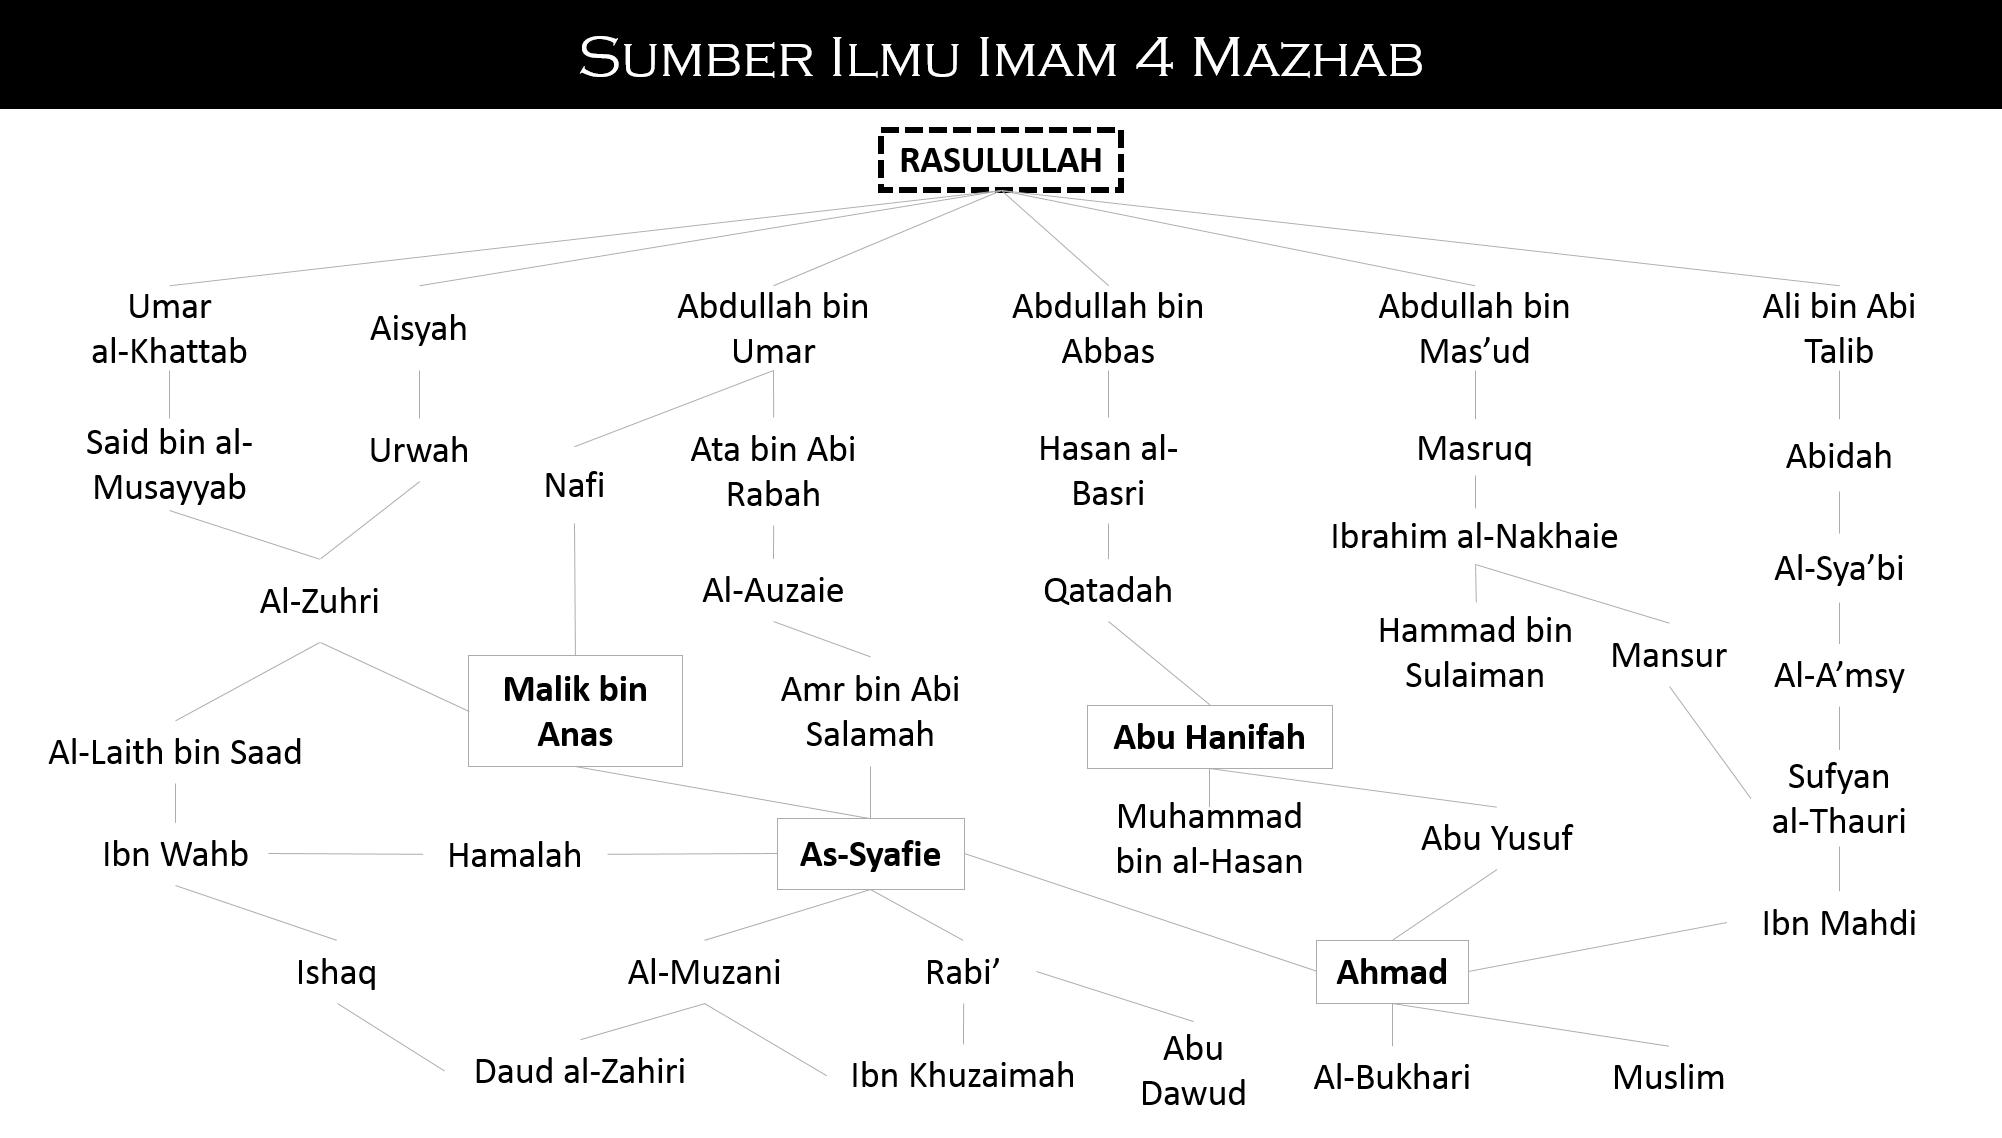 sumber-ilmu-imam-4-mazhab